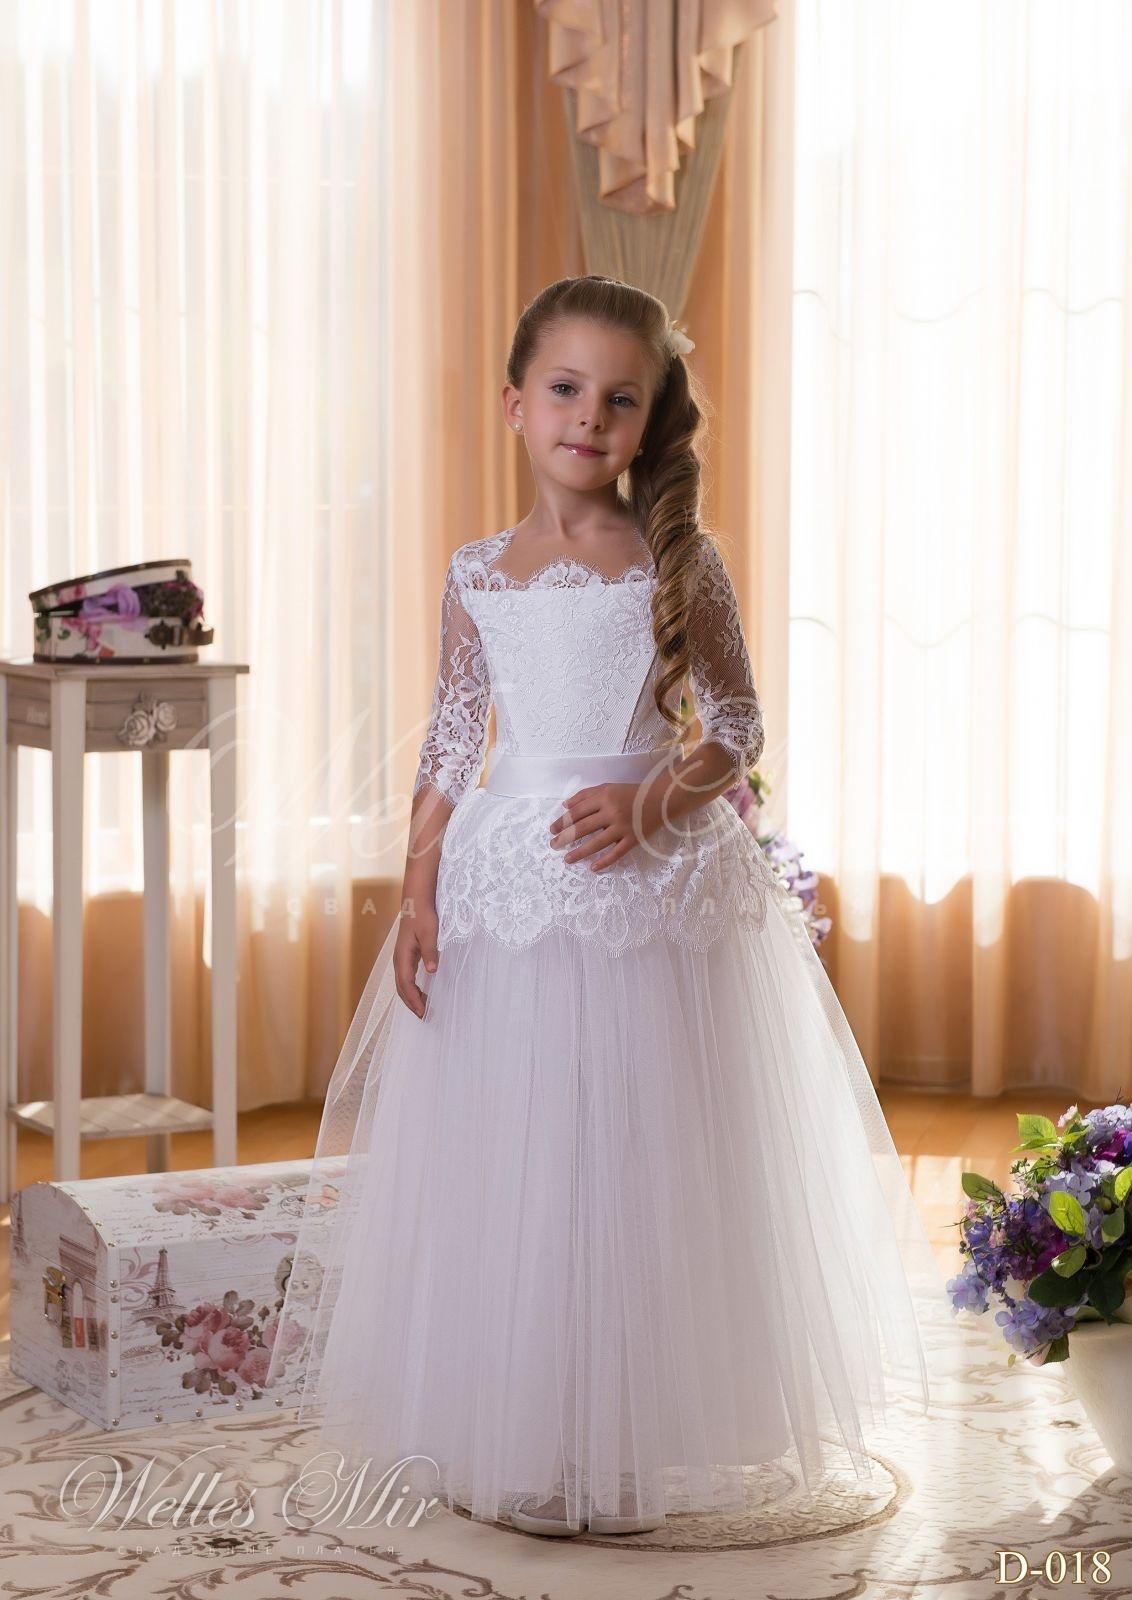 Детские платья Детские платья 2015 - D-018